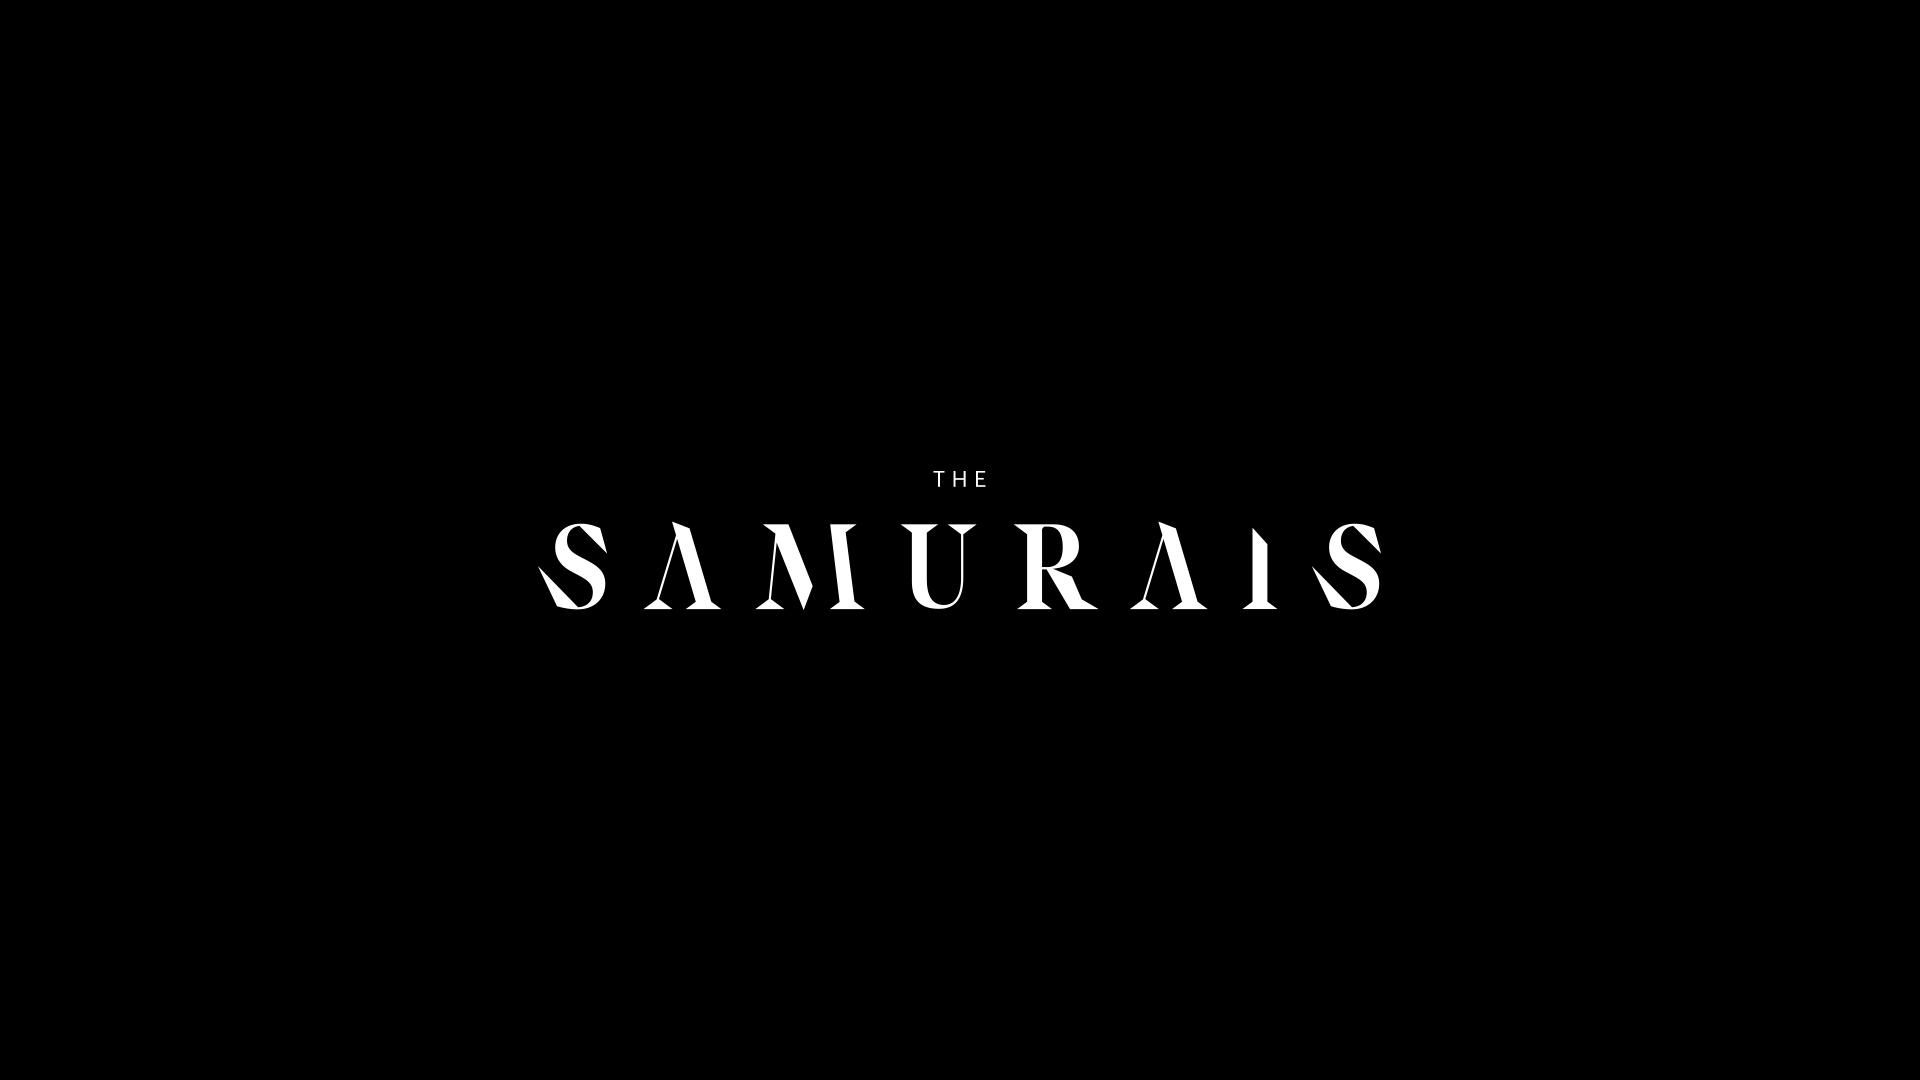 samurais-02